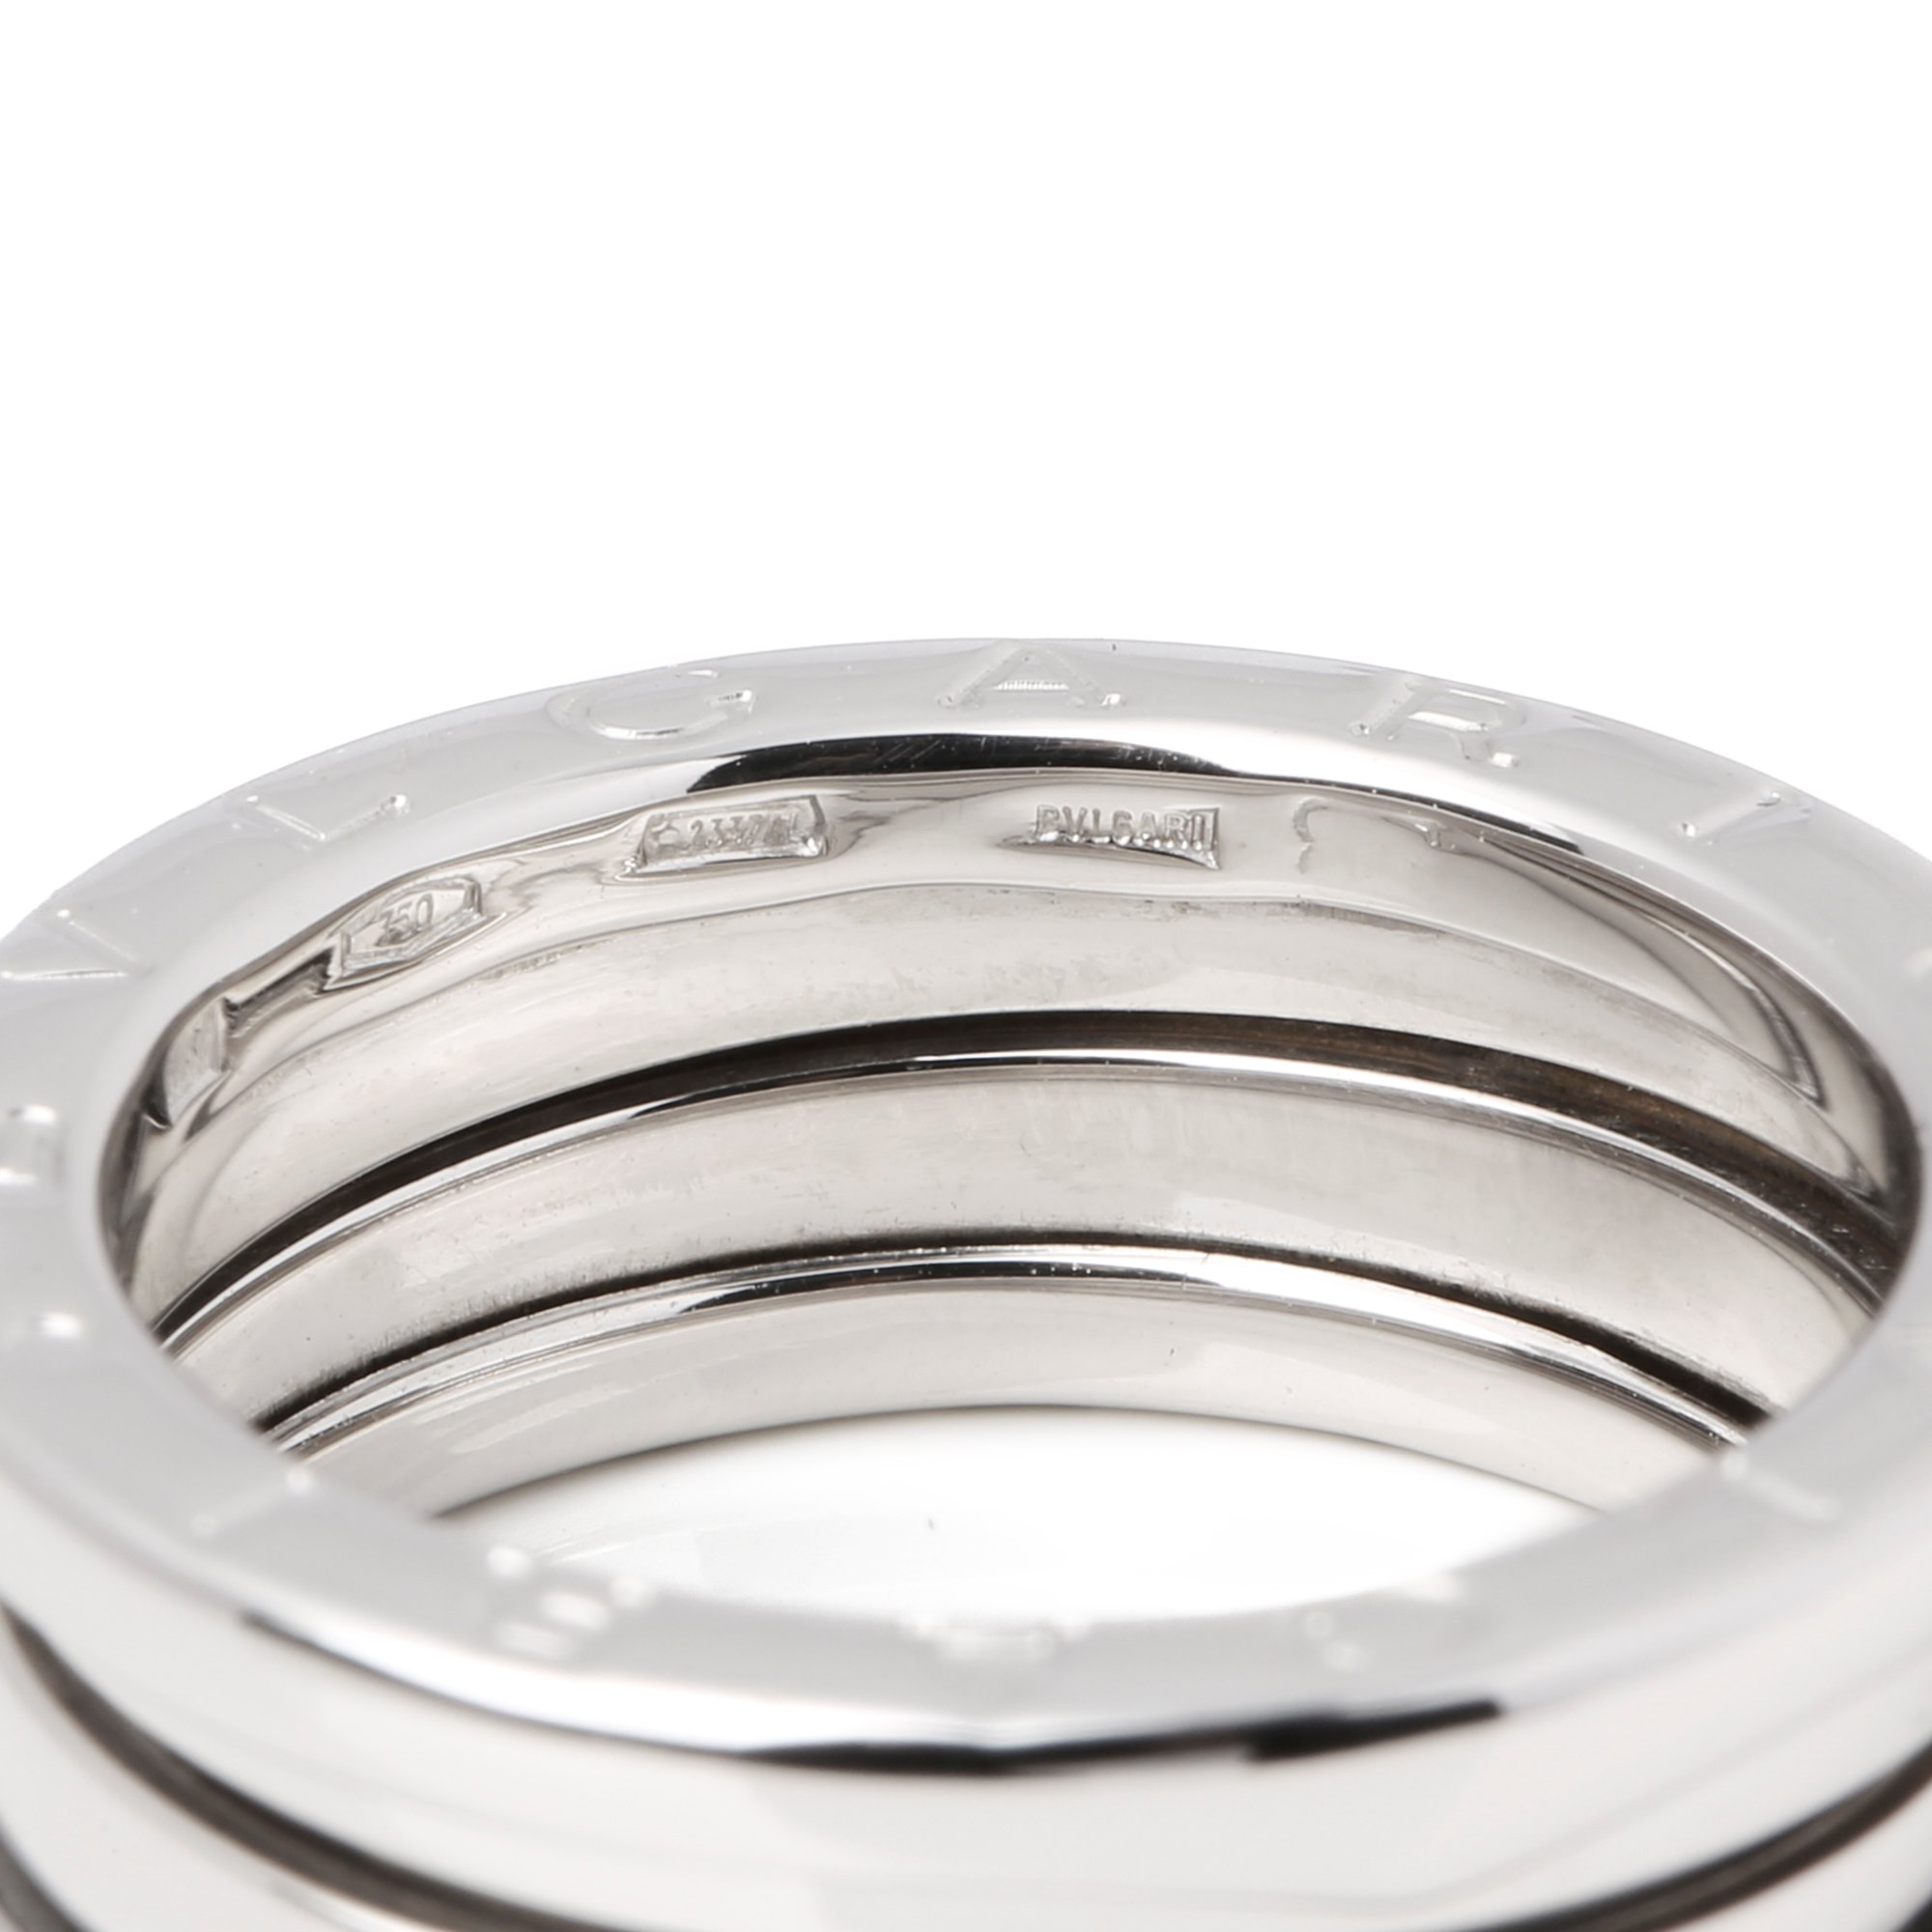 Bulgari B Zero 1 Three Row Band Ring